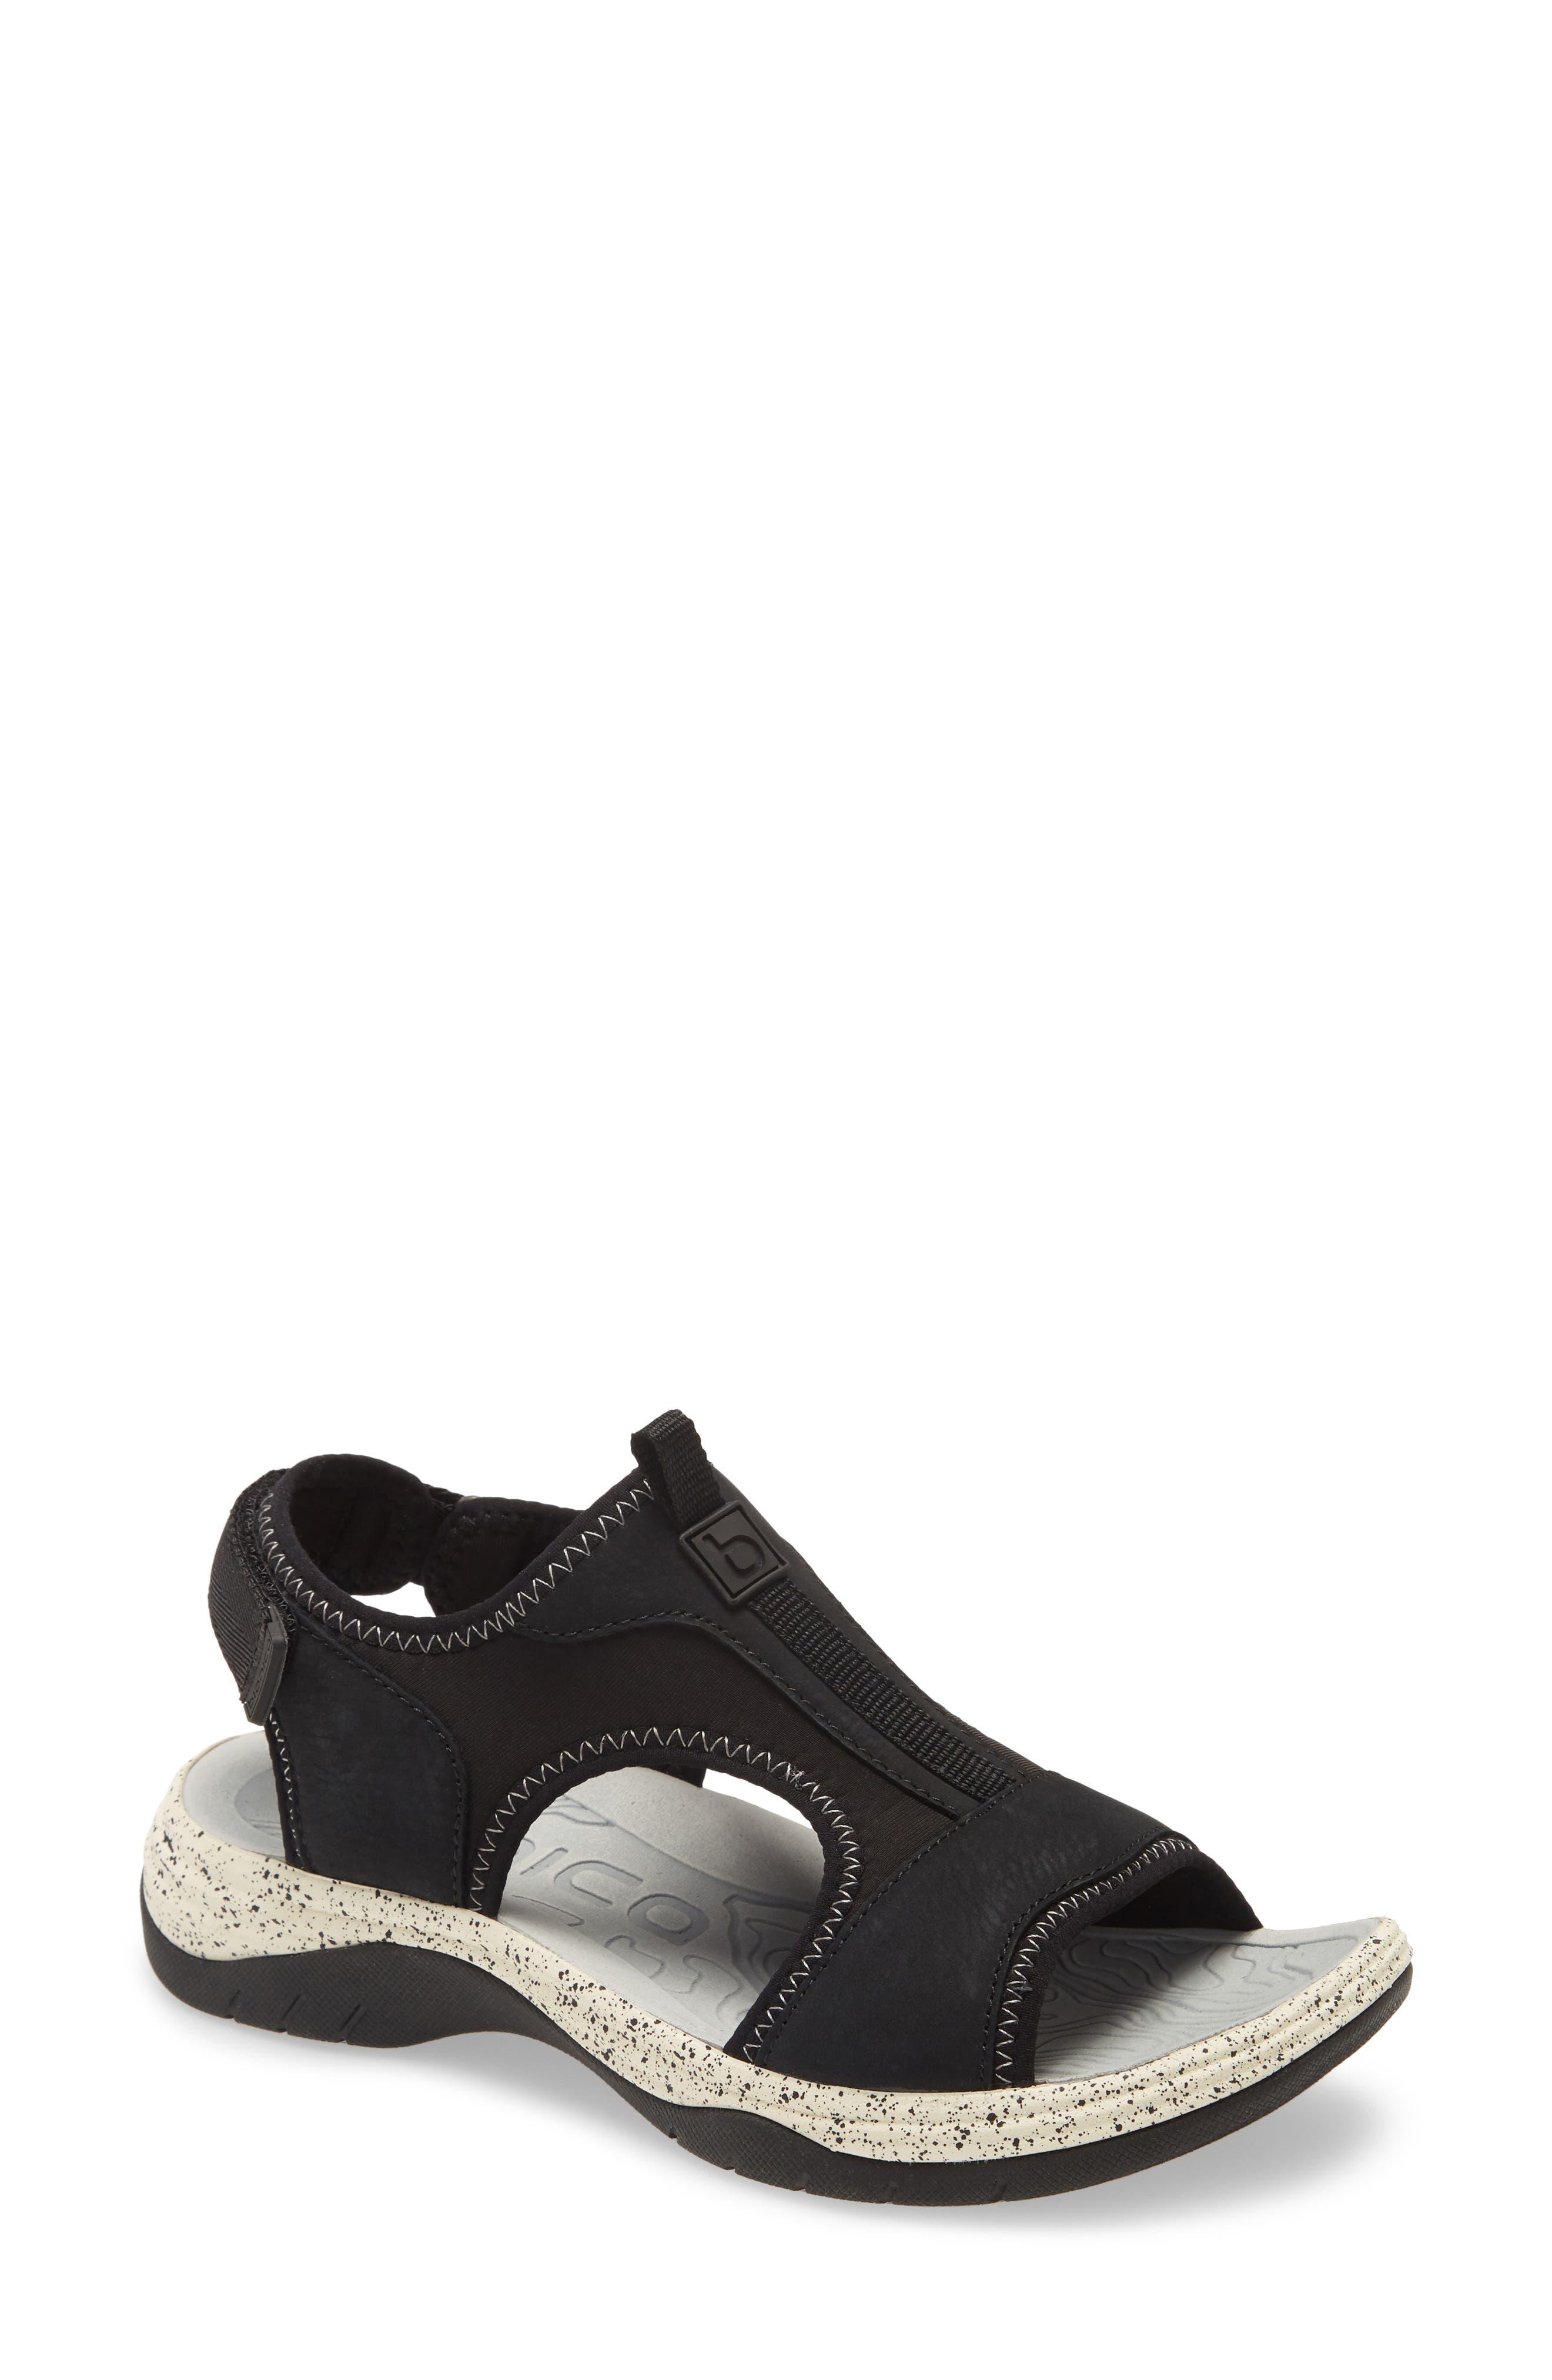 Women's Bionica Niagra Water Friendly Sport Sandal, Size 7.5 M - Black